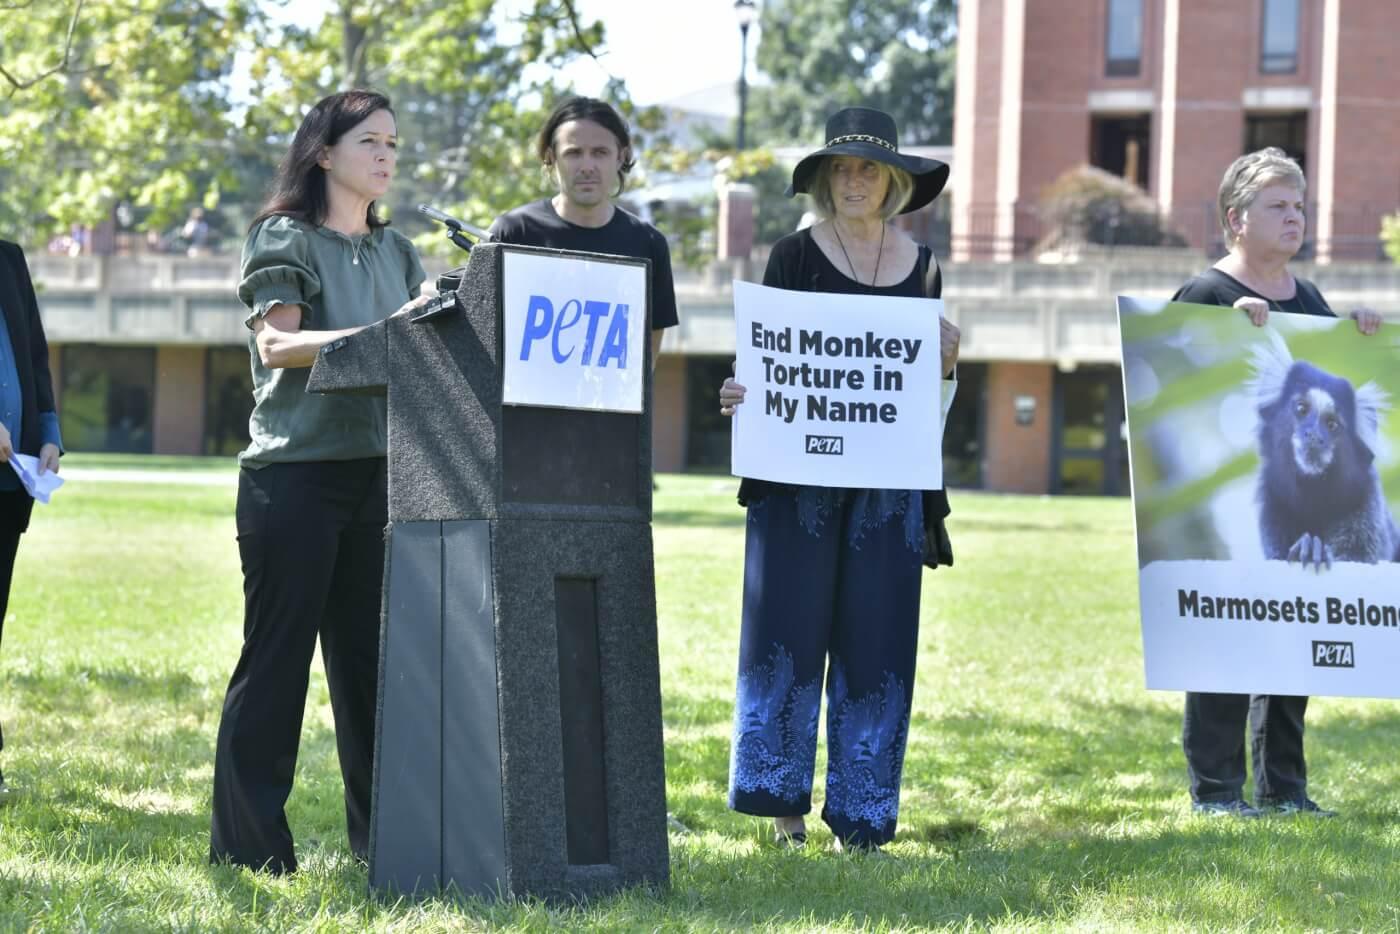 PETA Casey Affleck mom UMass marmoset protest 2021